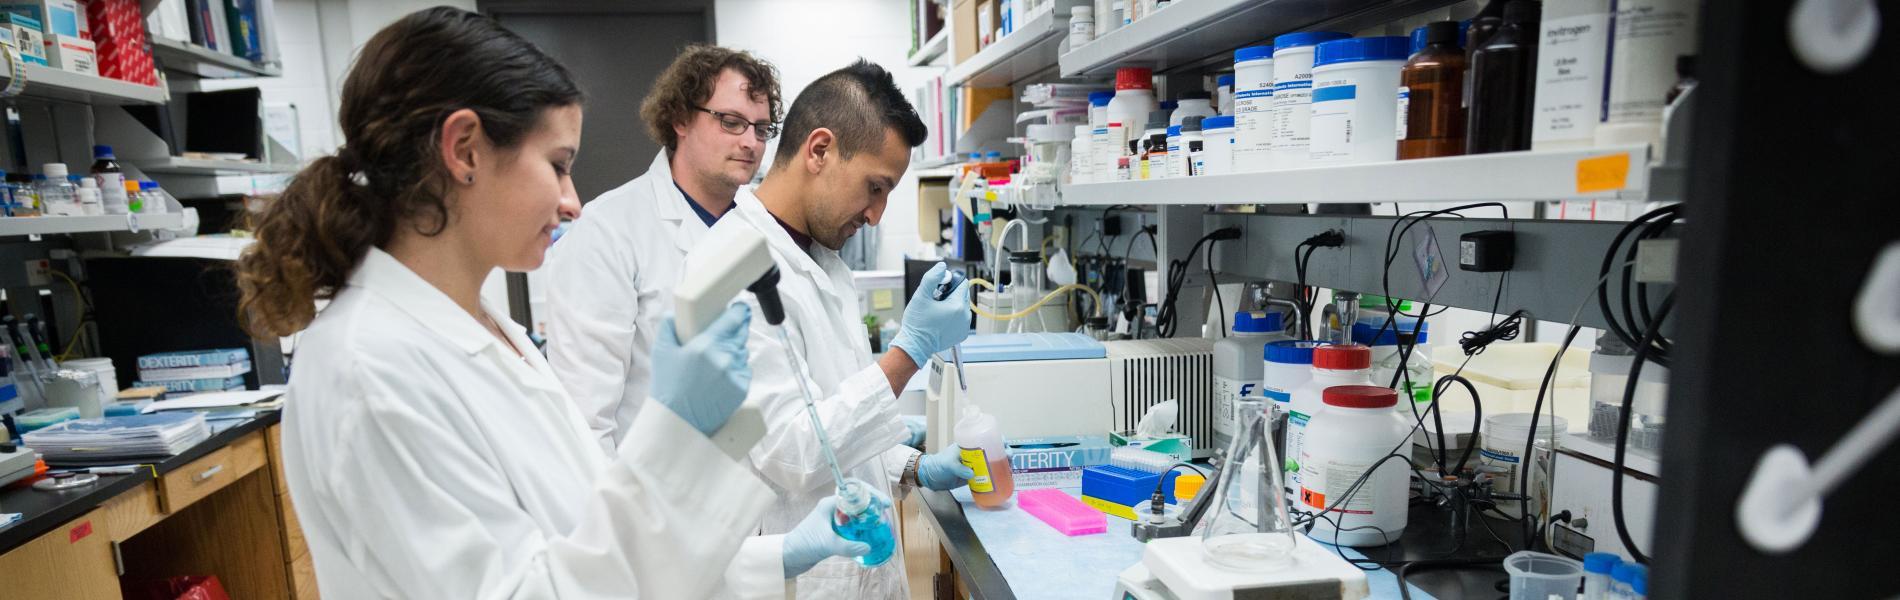 Dr. Dawn Quelle's lab personnel